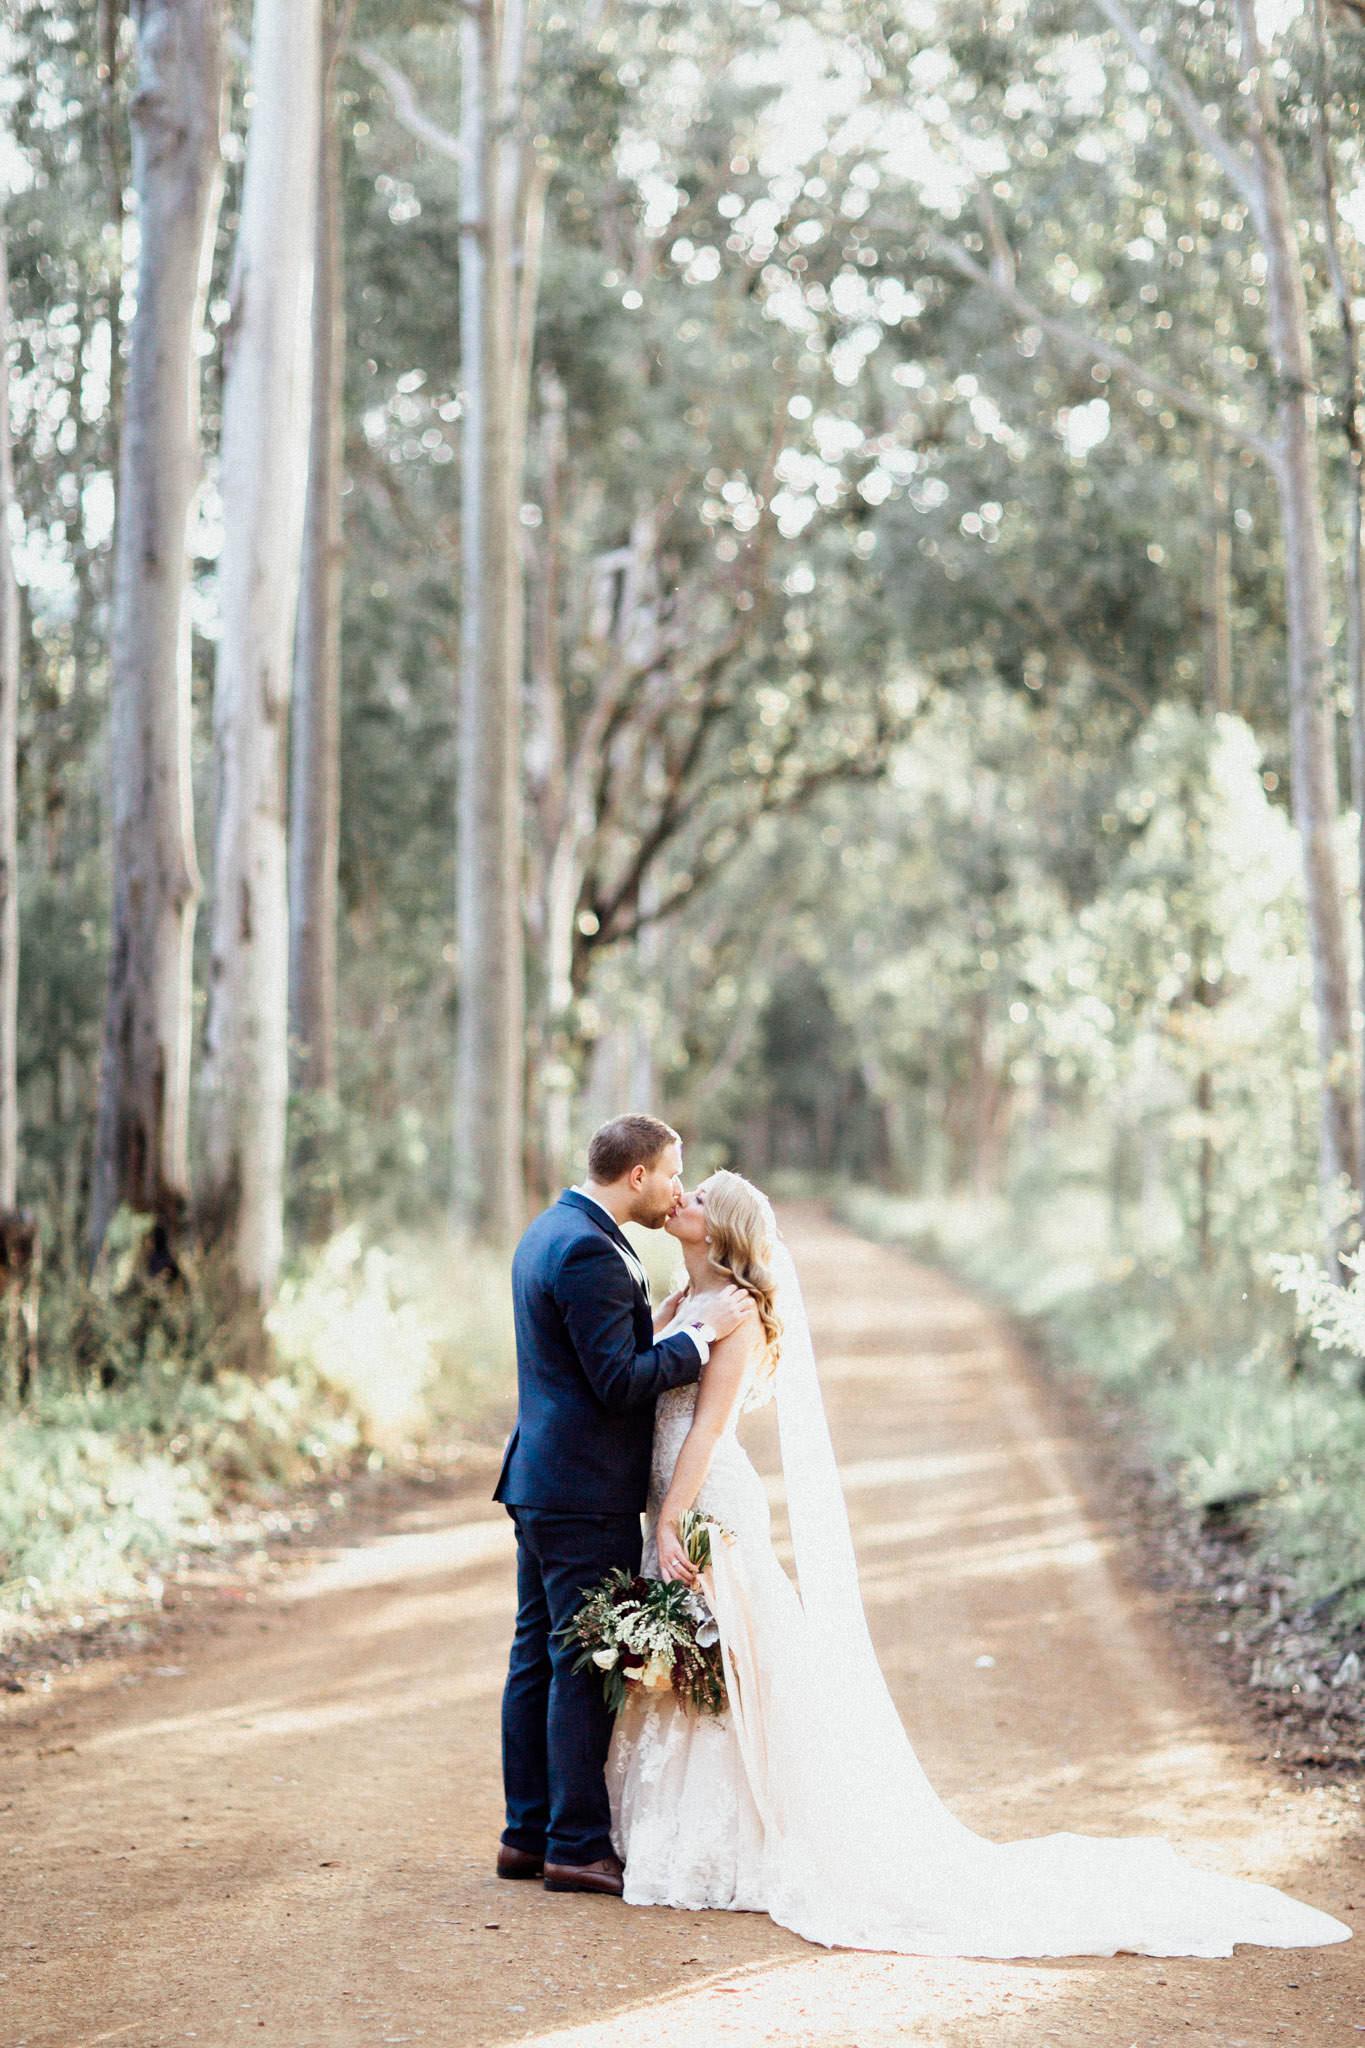 WeddingPhotos_Facebook_2048pixels-1090.jpg